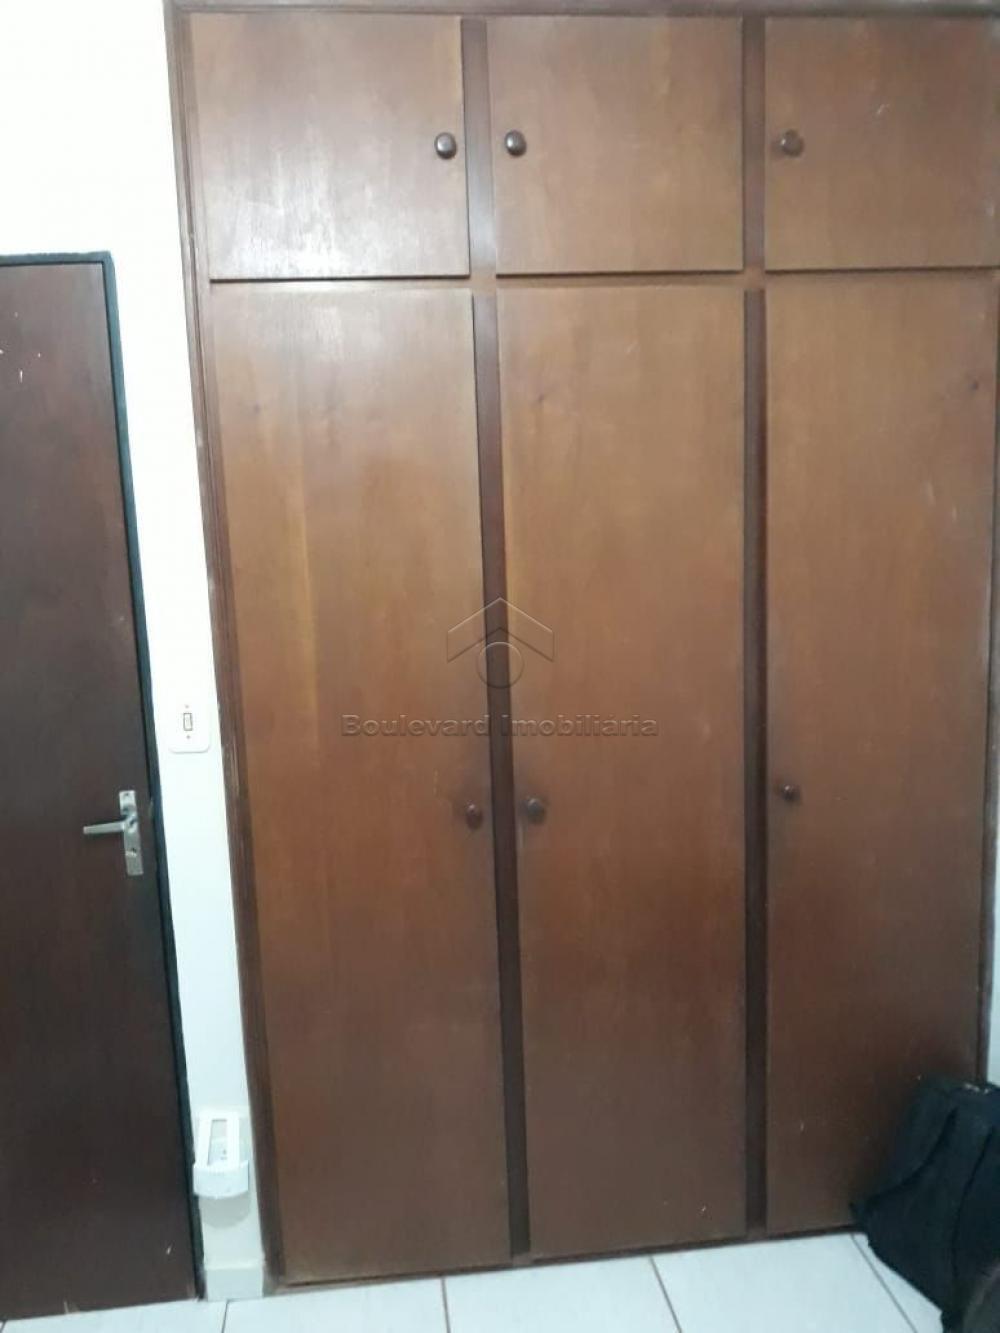 Comprar Apartamento / Padrão em Ribeirão Preto apenas R$ 180.000,00 - Foto 10